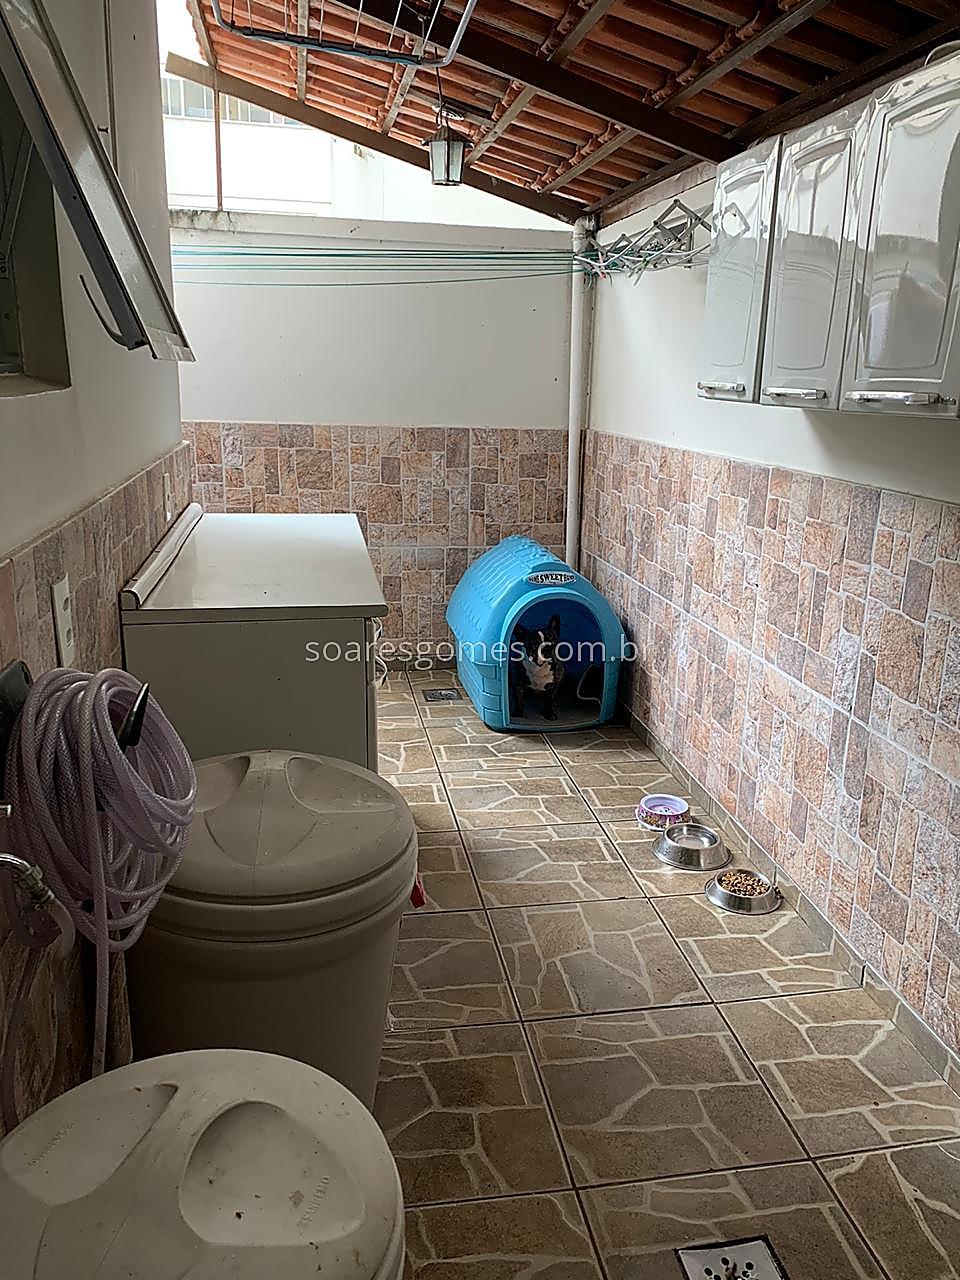 Apartamento à venda em Granbery, Juiz de Fora - MG - Foto 11